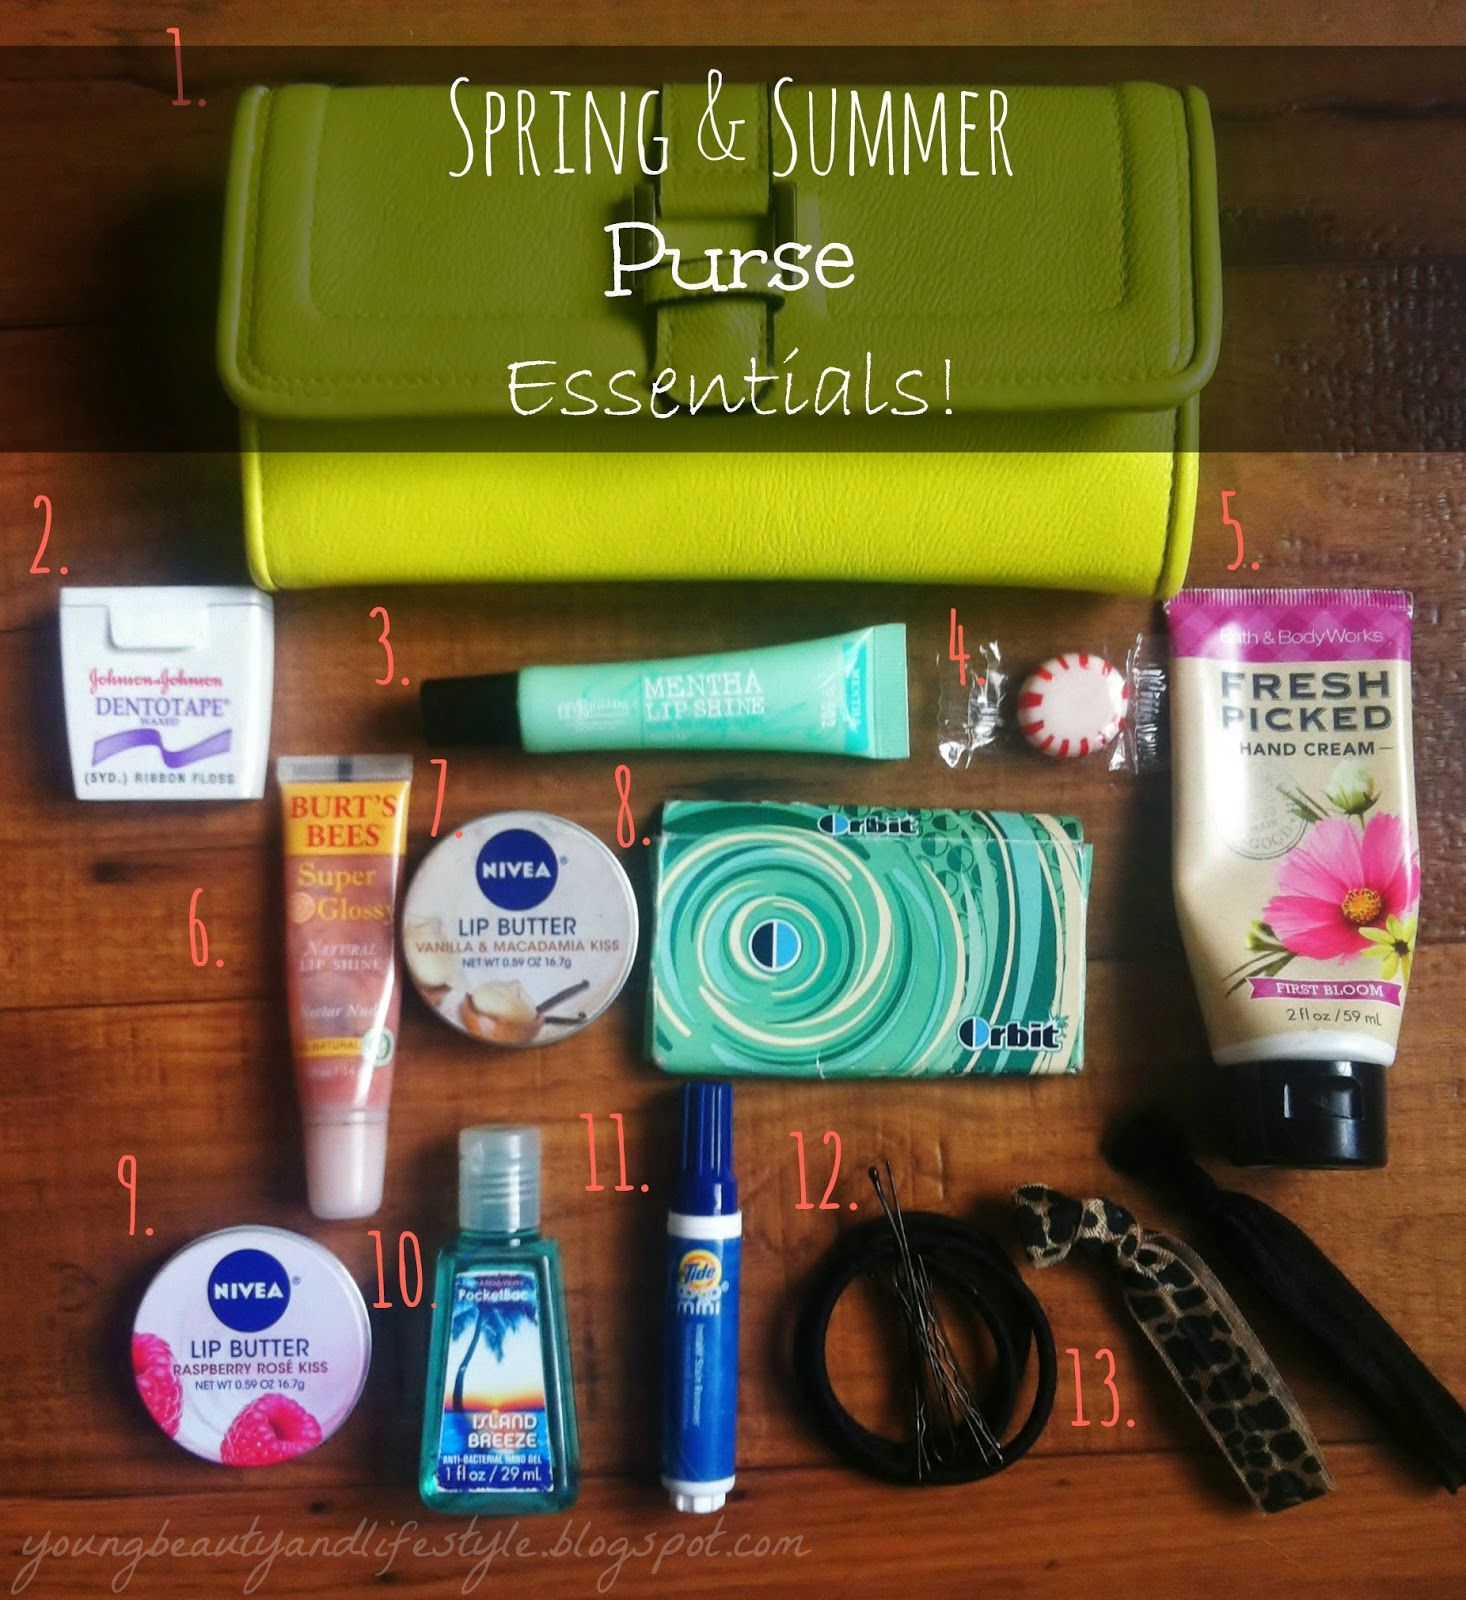 Spring & Summer Purse Essentials! Purse essentials